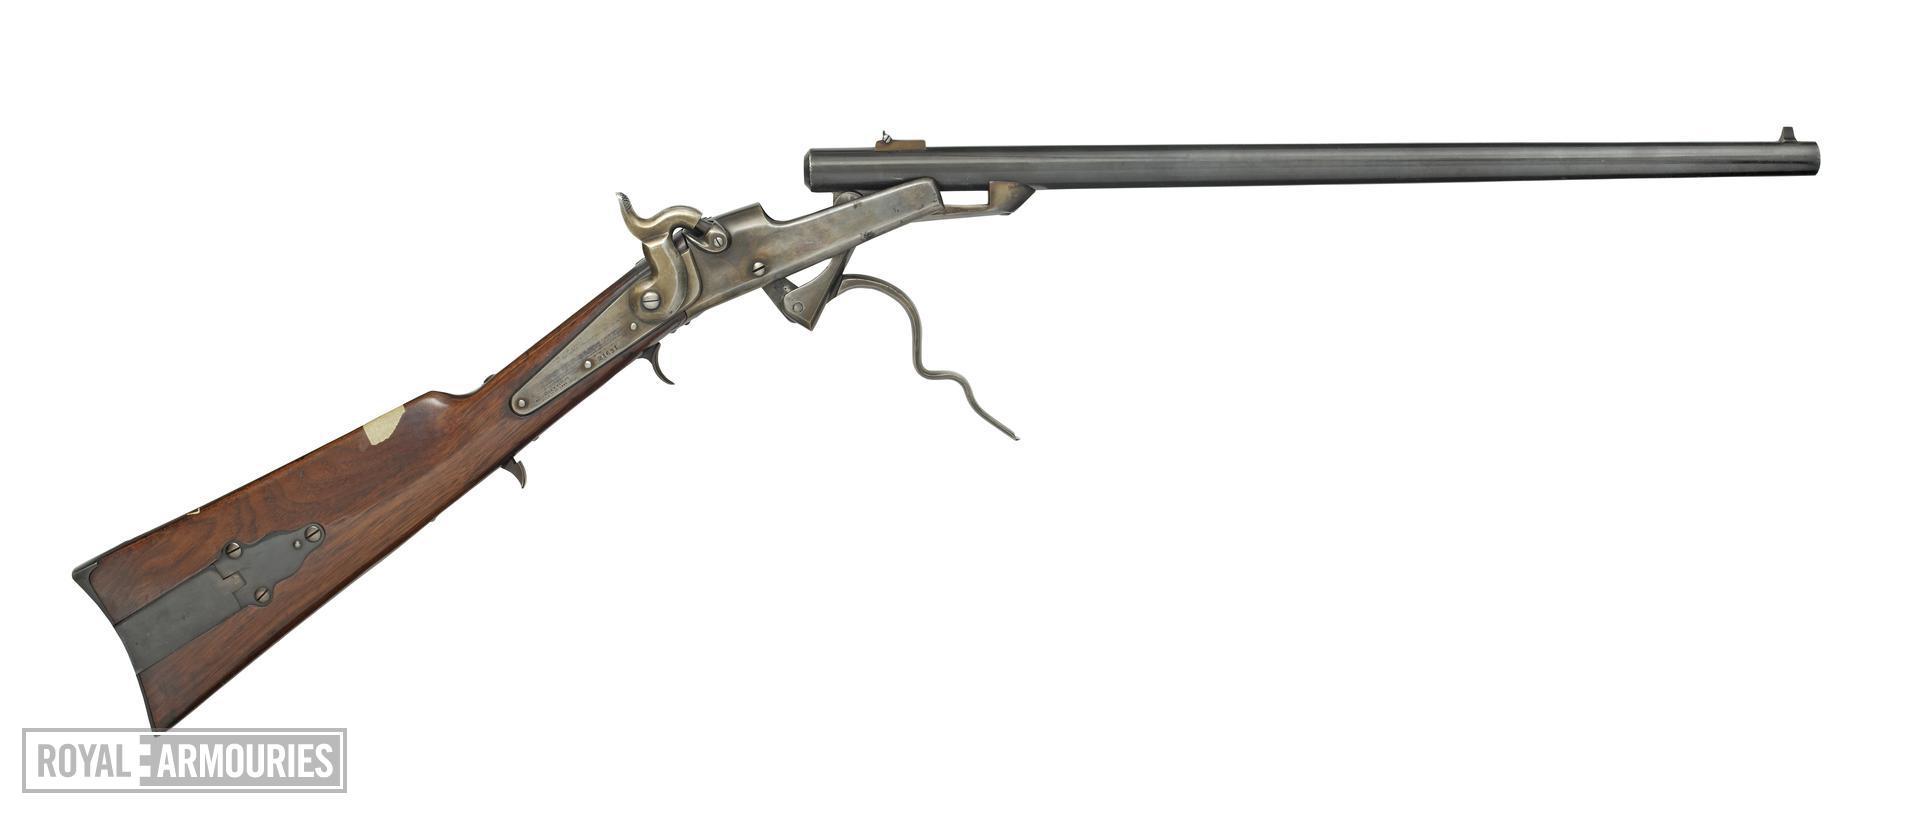 Rimfire breech-loading carbine - Gallager Carbine